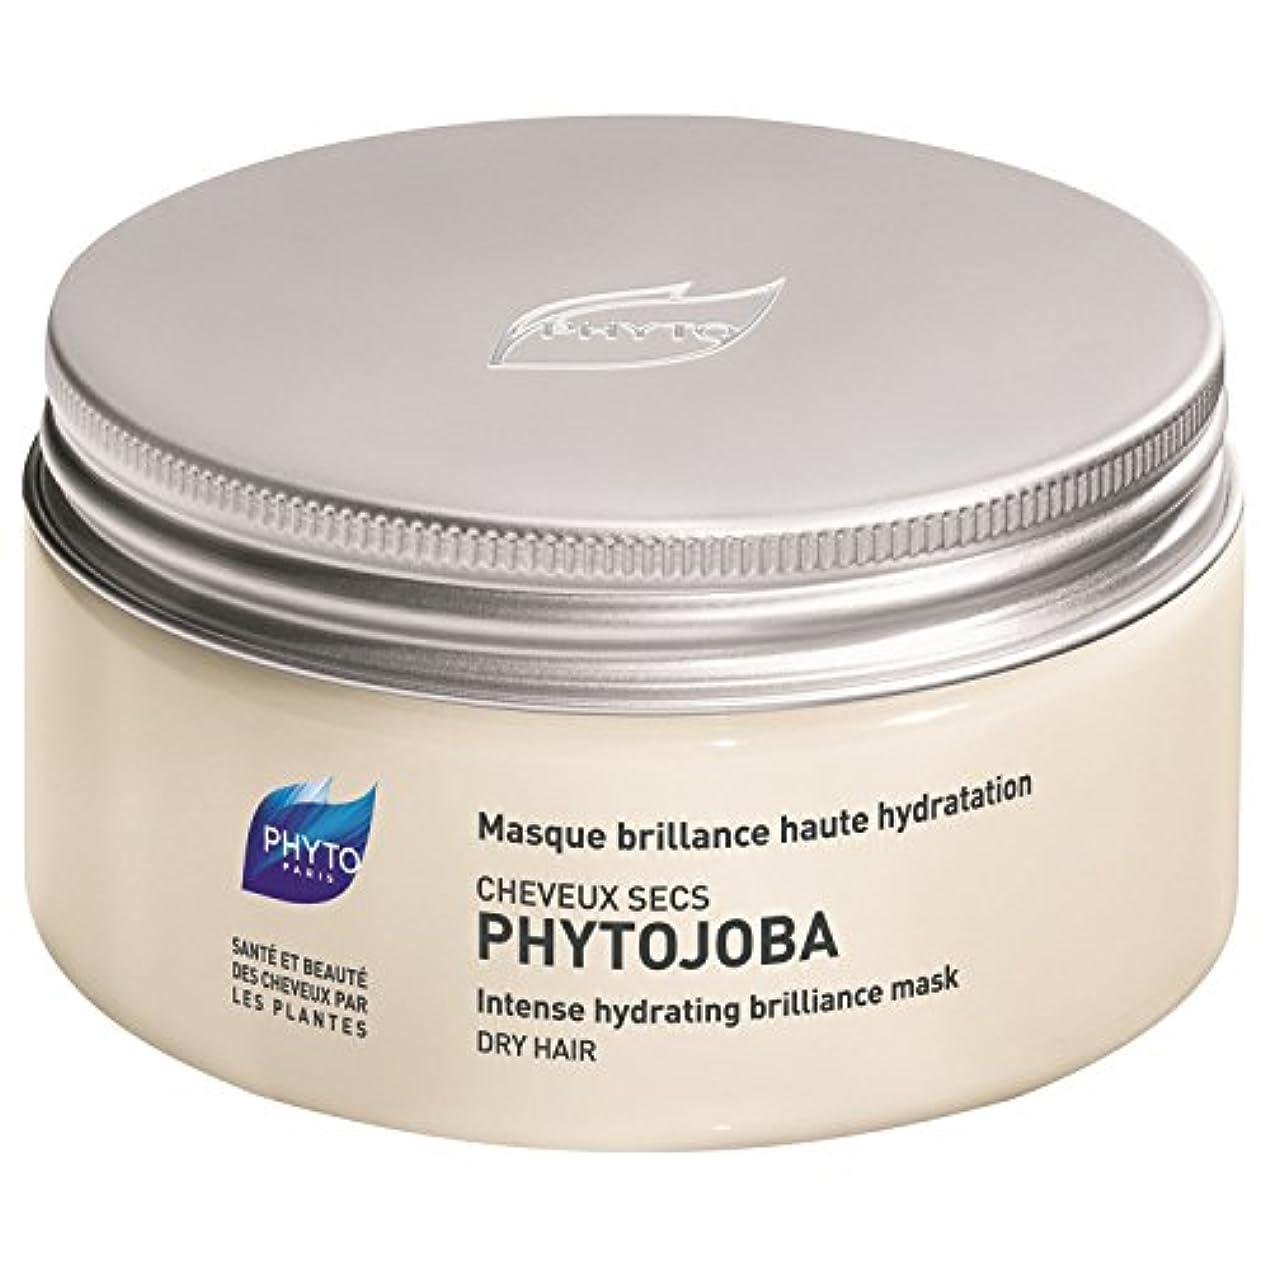 羊メアリアンジョーンズ証明書フィトPhytojoba強烈な水分補給マスク200ミリリットル (Phyto) (x6) - Phyto Phytojoba Intense Hydrating Mask 200ml (Pack of 6) [並行輸入品]